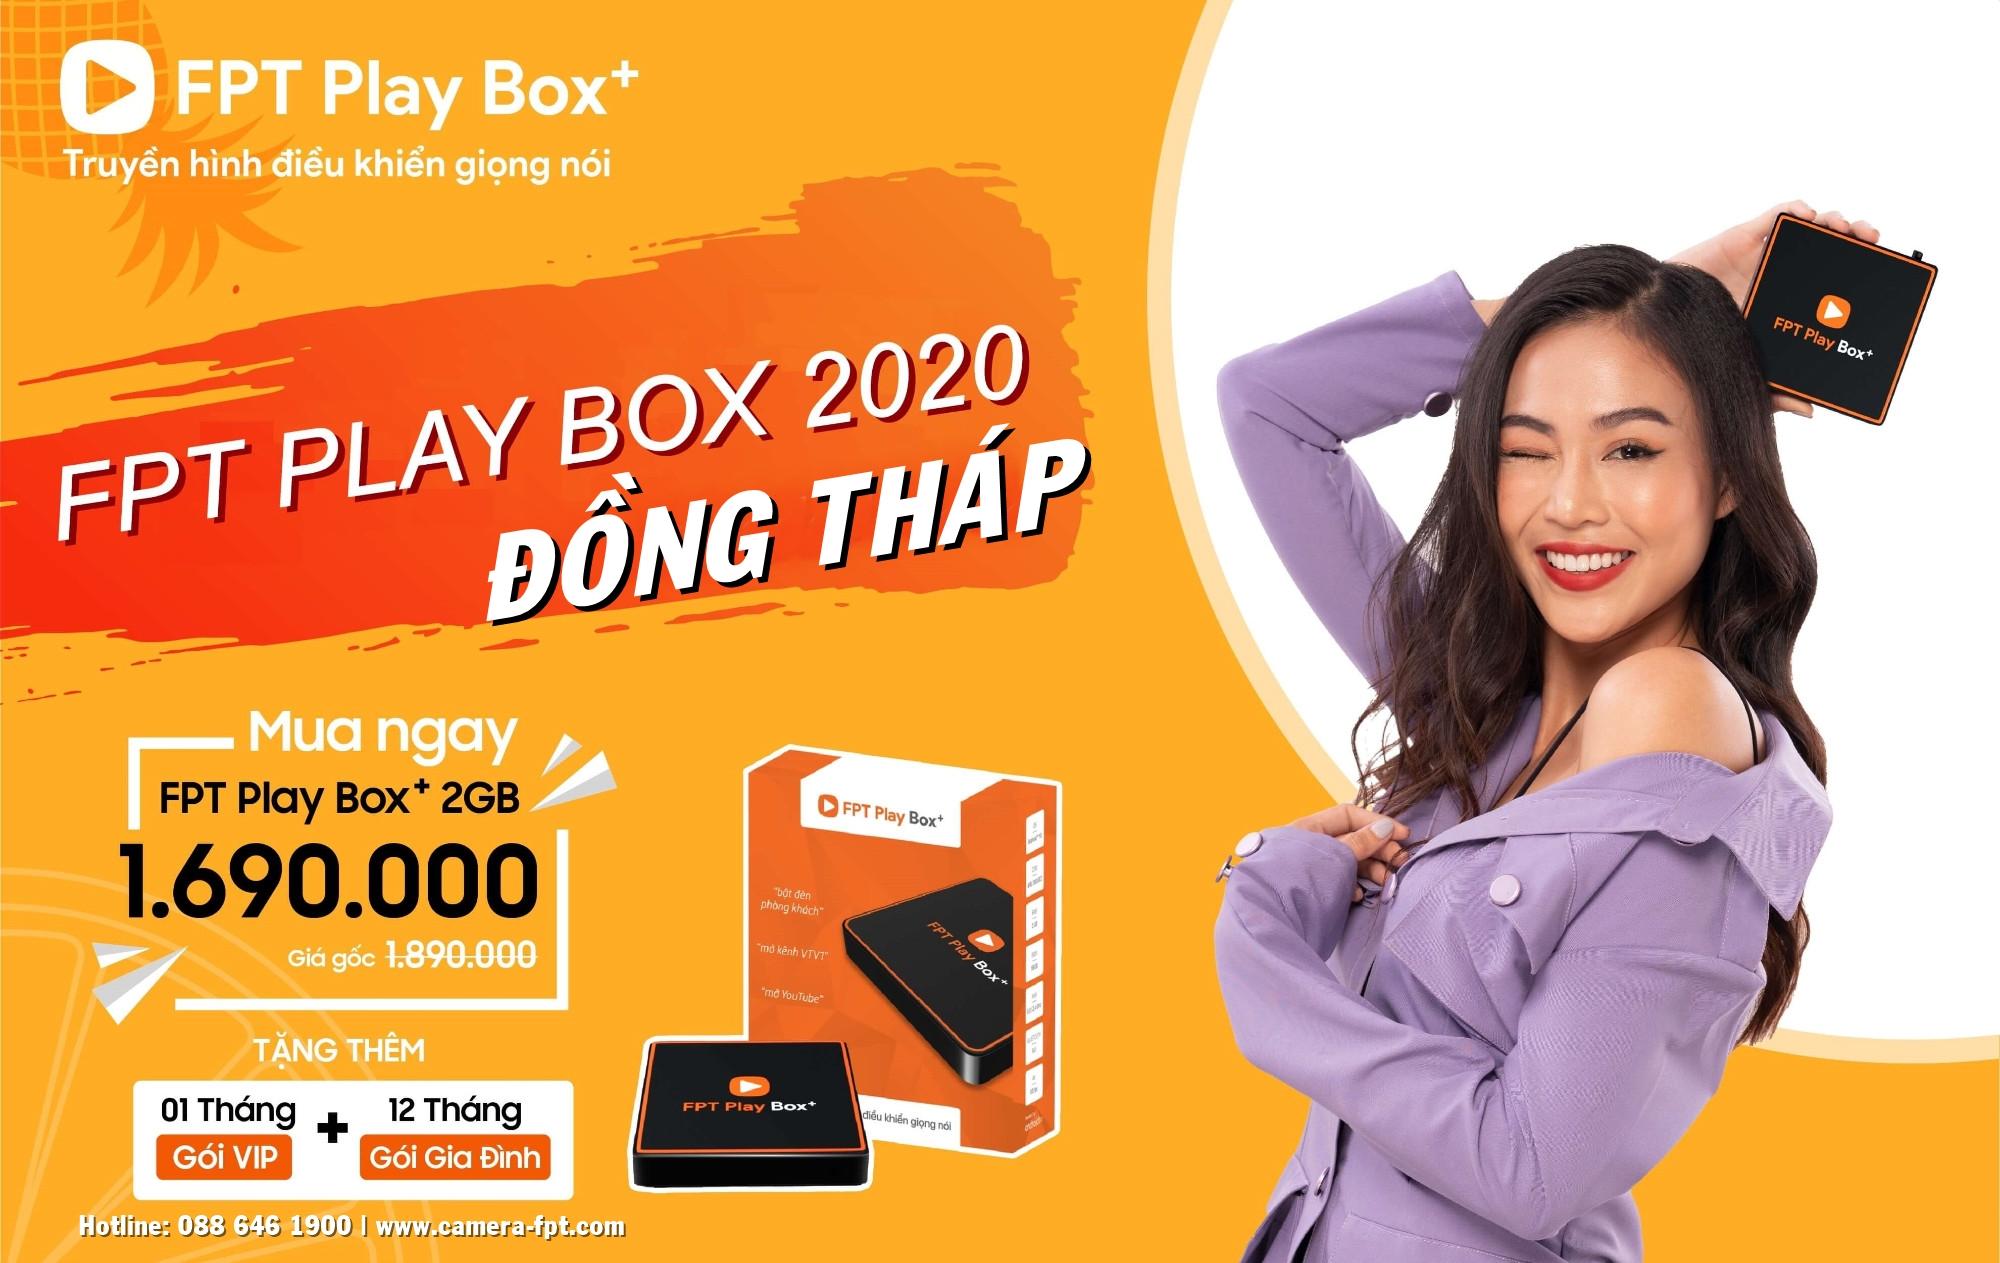 Mua FPT Play BOX chính hãng tại Đồng Tháp ✓ Tặng 12 tháng xem truyền hình cáp